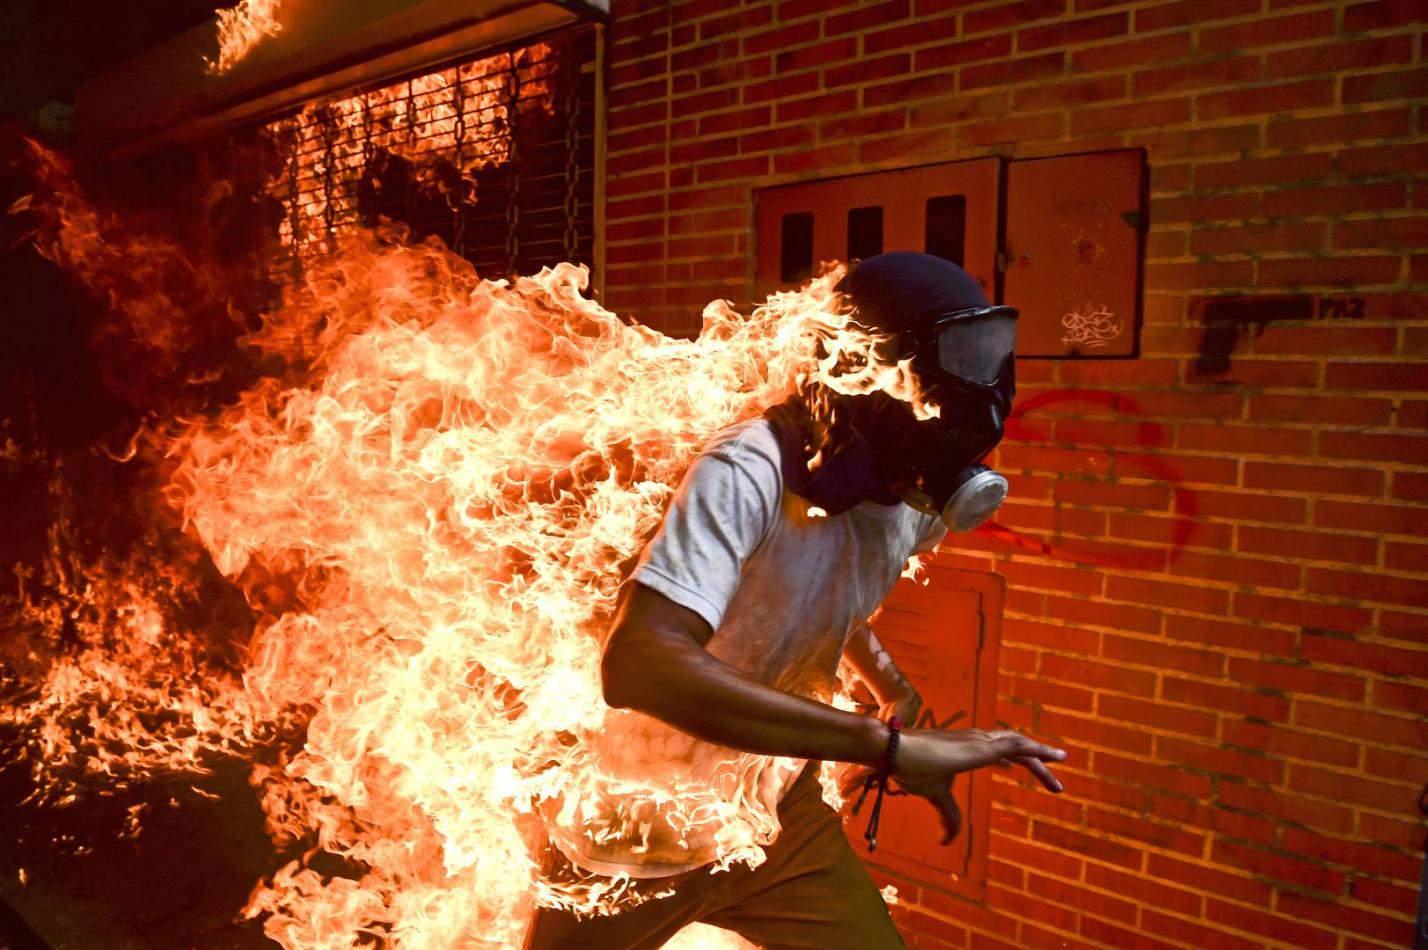 Ronaldo Schmidt worldpressphoto.org